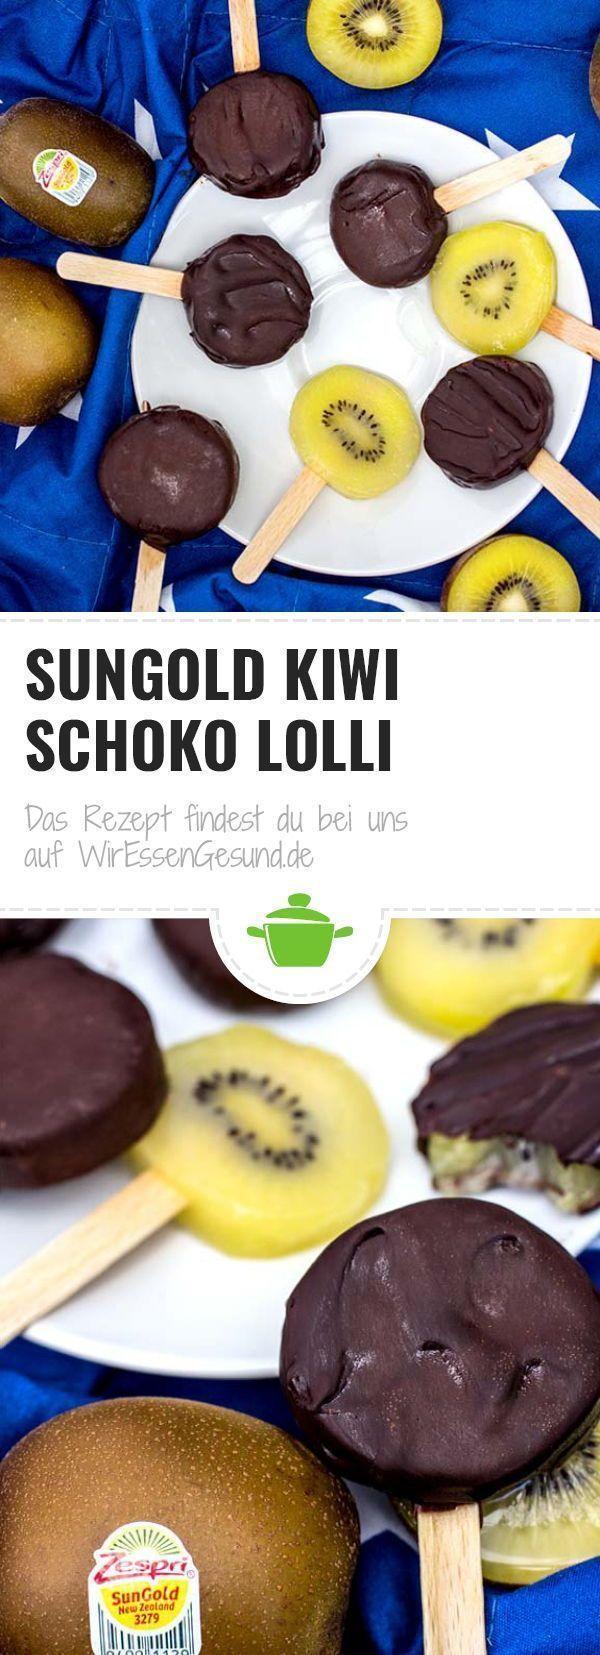 SunGold Kiwi Schoko Lolli  #Kiwi #Lolli #Schoko #SunGold